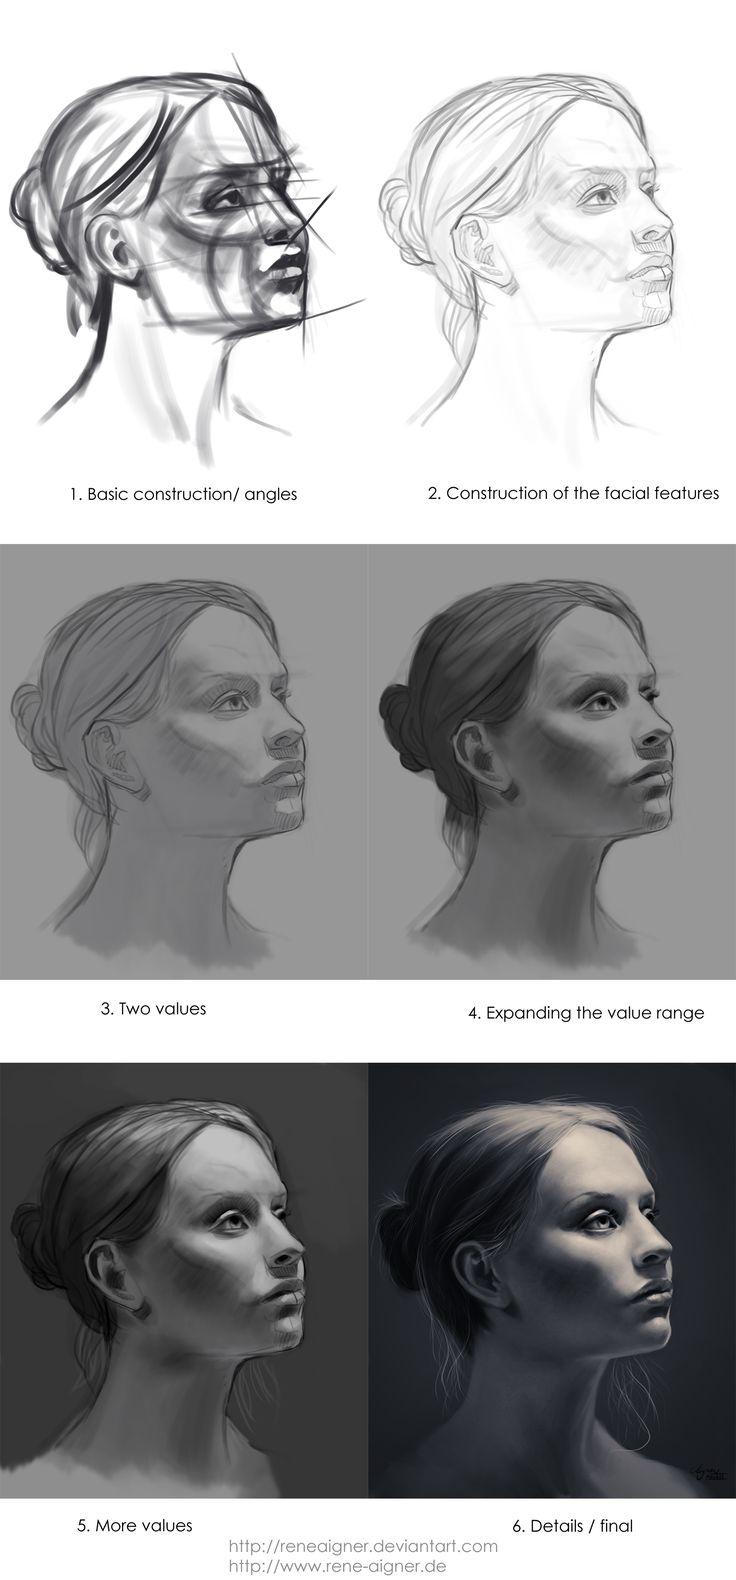 An artist's process for creating a human face. Emily - Process by ReneAigner.deviantart.com on #deviantART